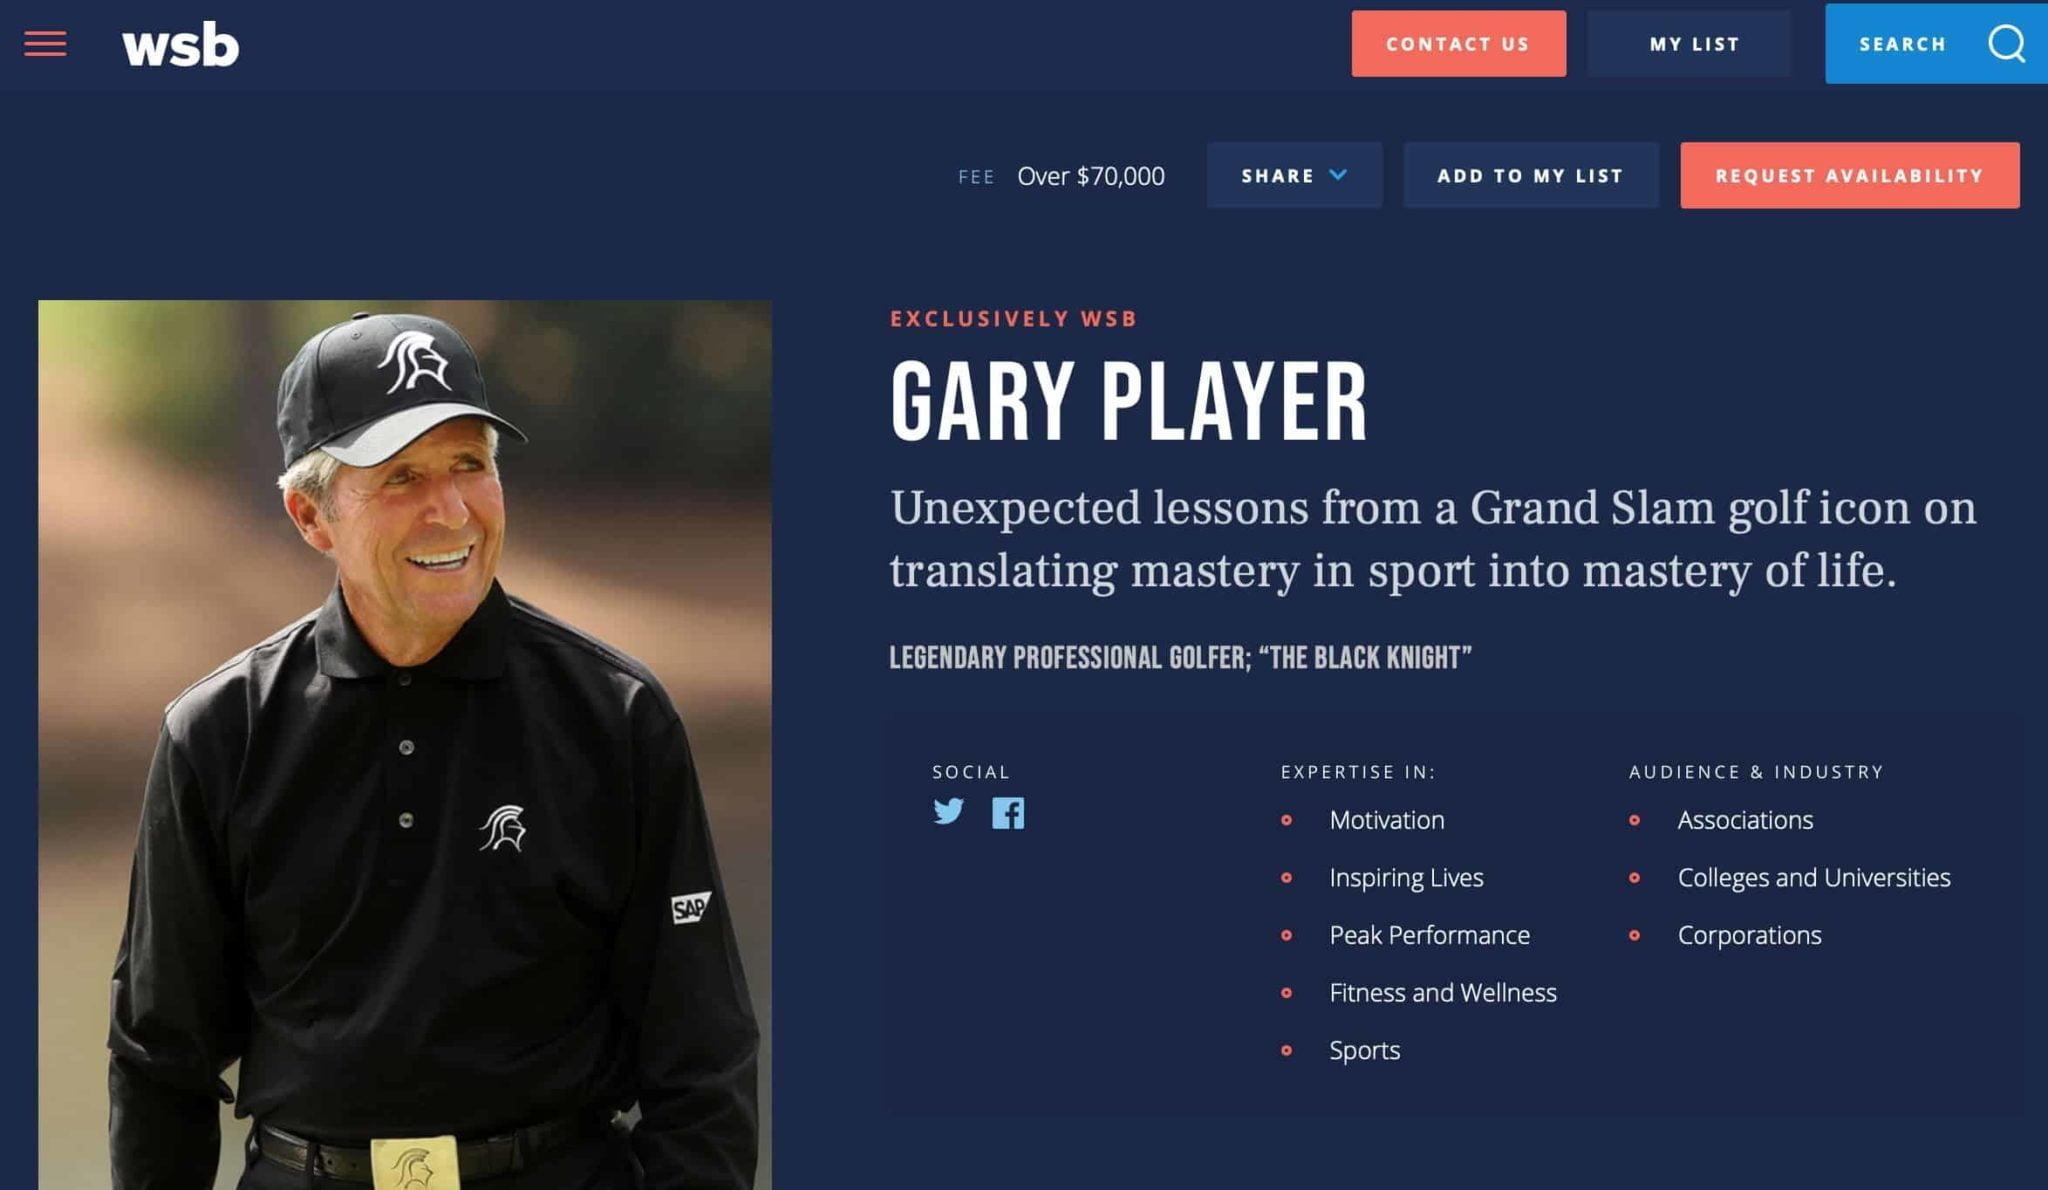 WSB-Gary-Player